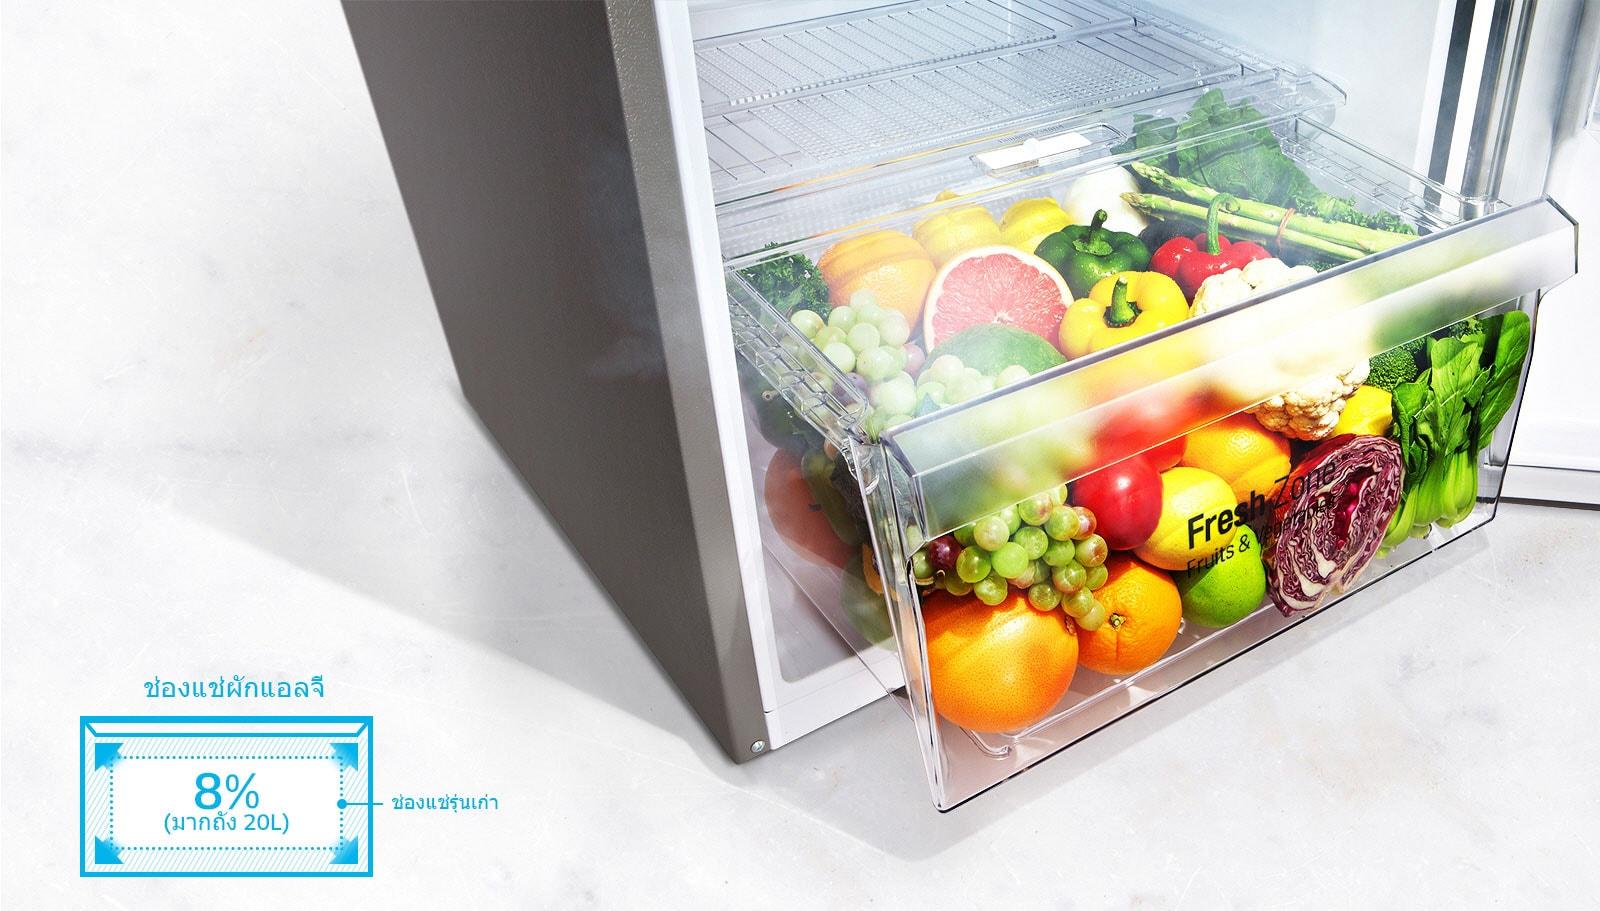 ช่องใส่ผักภายในตู้เย็น